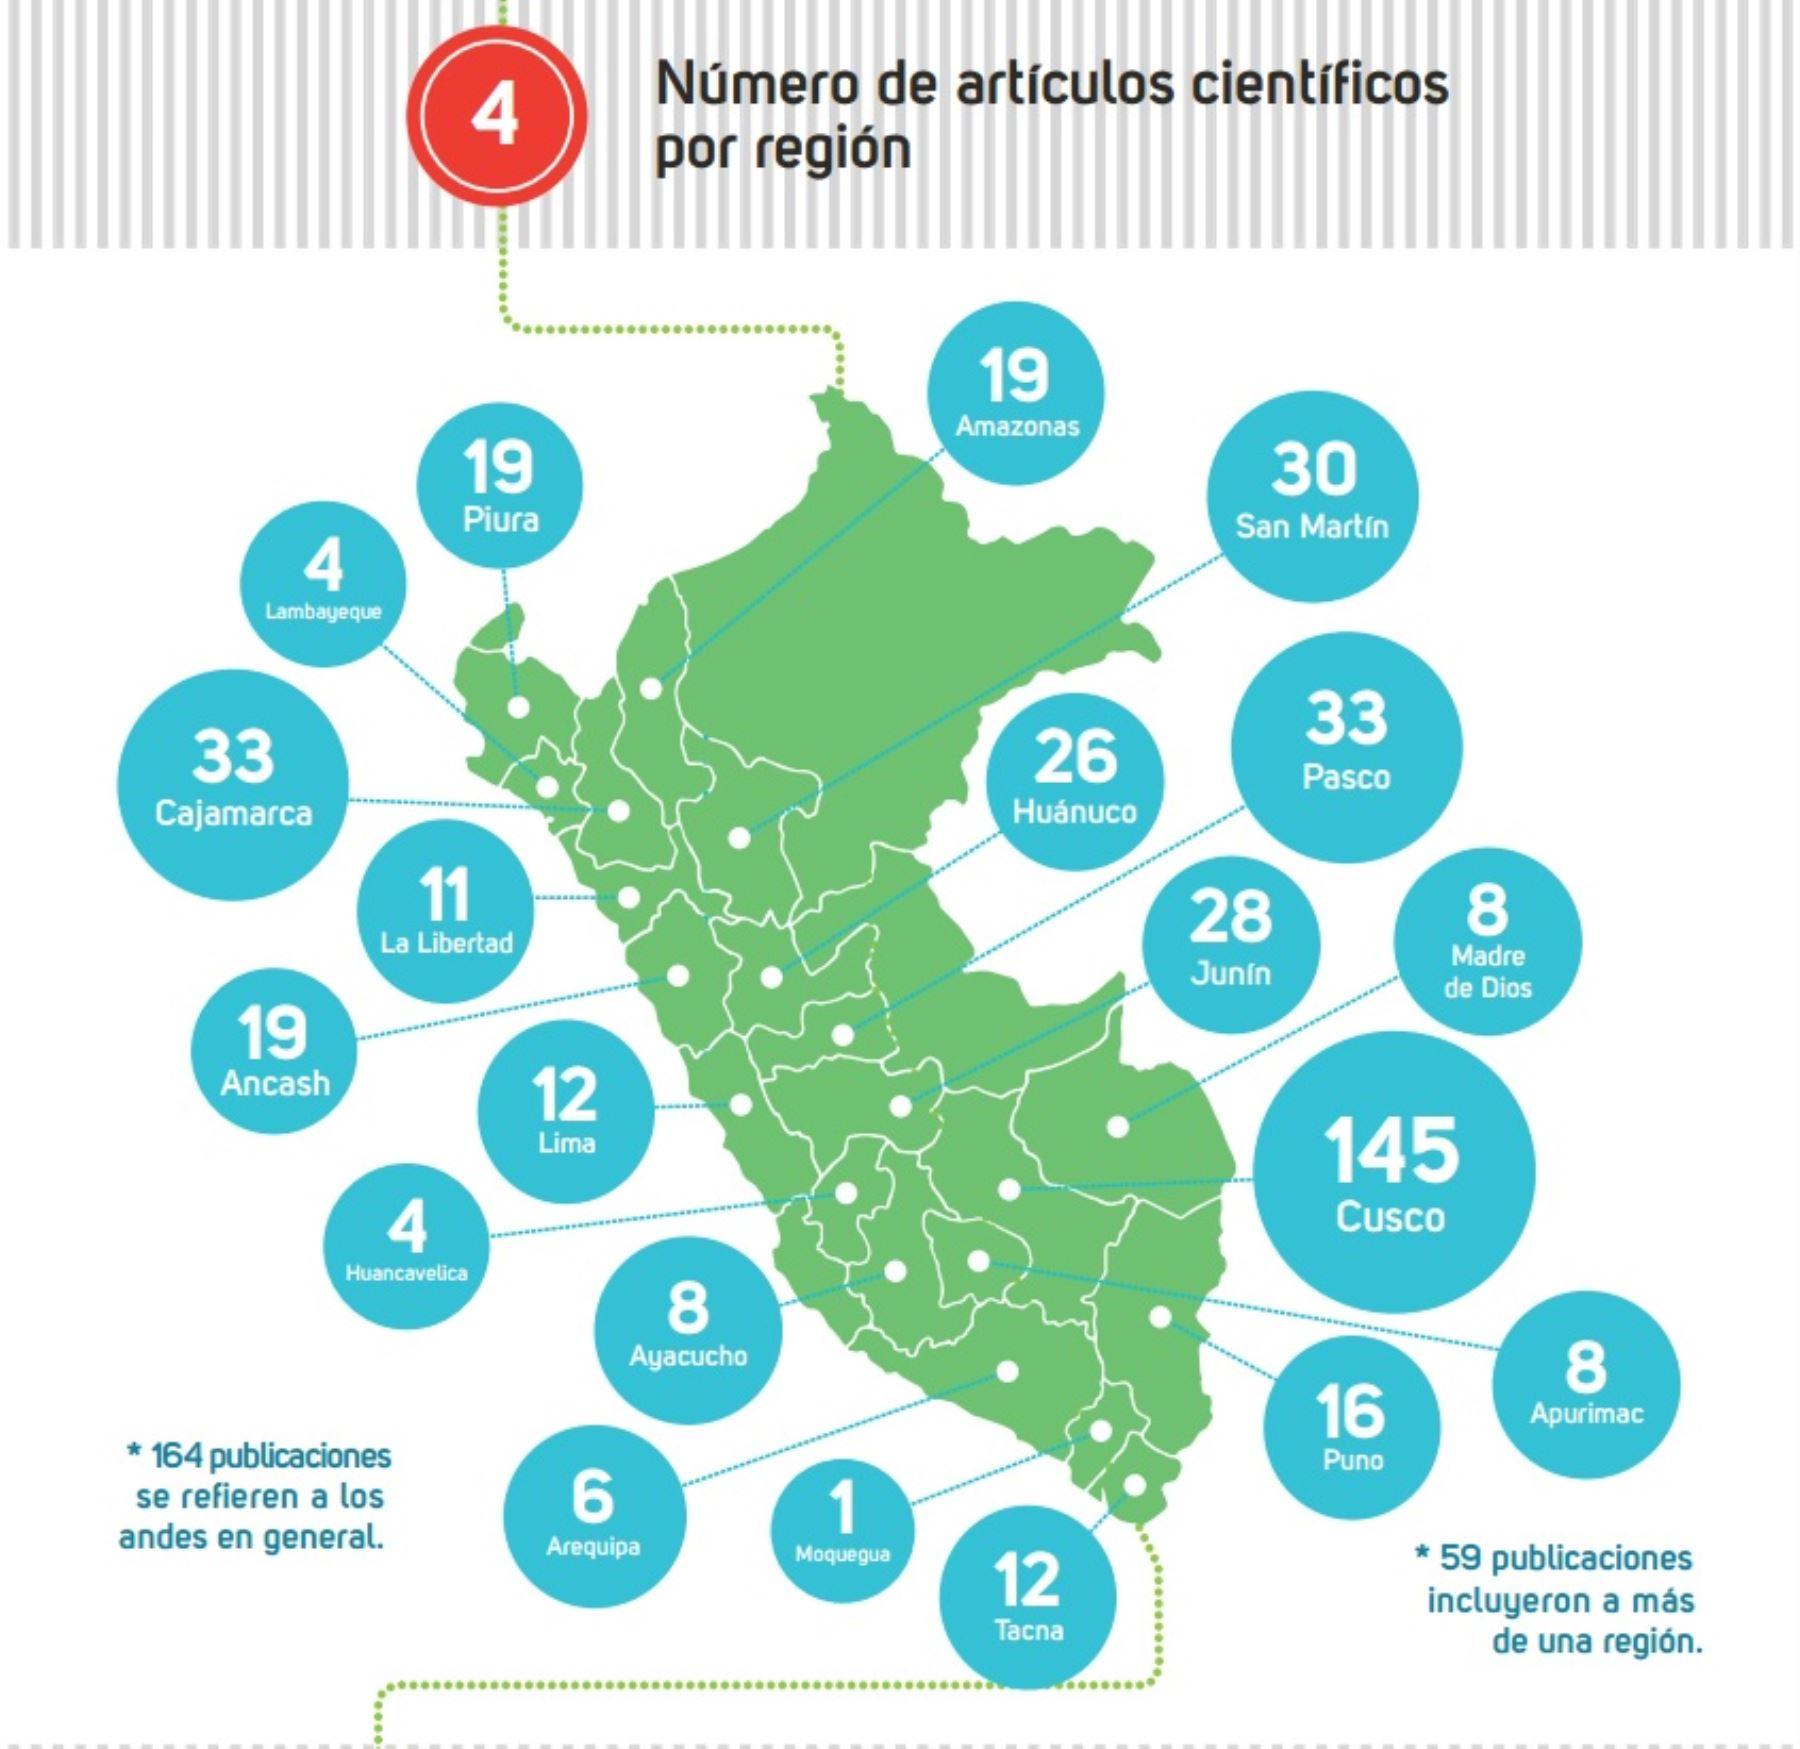 Las regiones de Cusco, Cajamarca y San Martín reúnen la mayor cantidad de publicaciones científicas sobre el impacto del cambio climático en los bosques andinos peruanos, según revela un reciente estudio sobre este tema que comprende las investigaciones realizadas en los últimos 25 años.